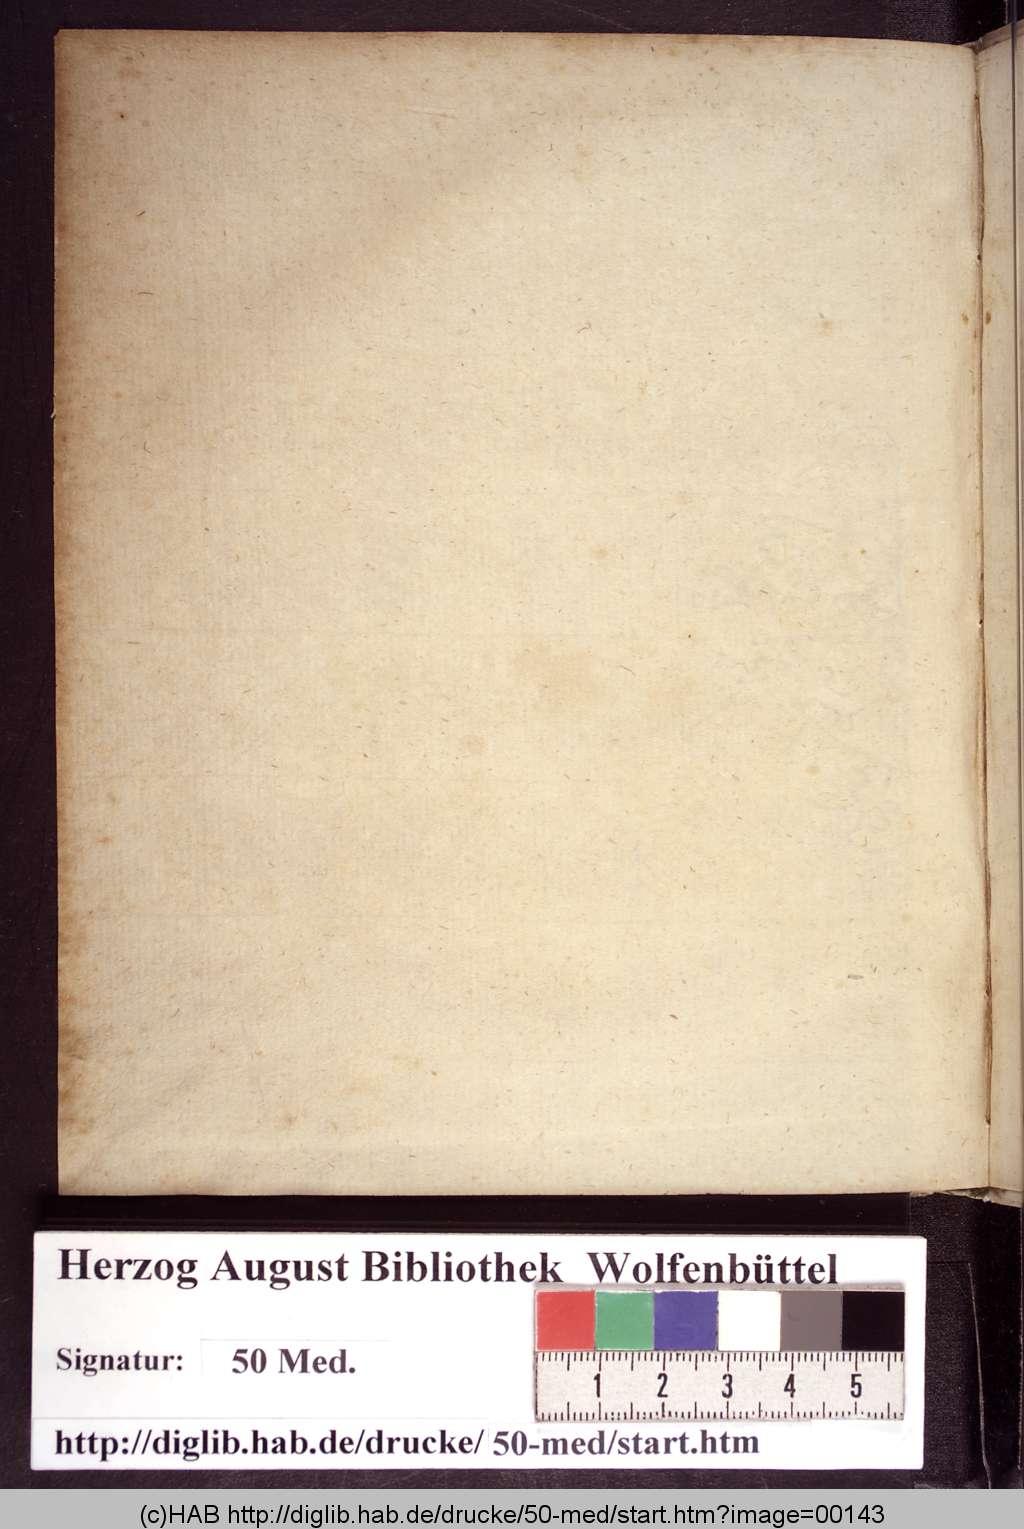 http://diglib.hab.de/drucke/50-med/00143.jpg